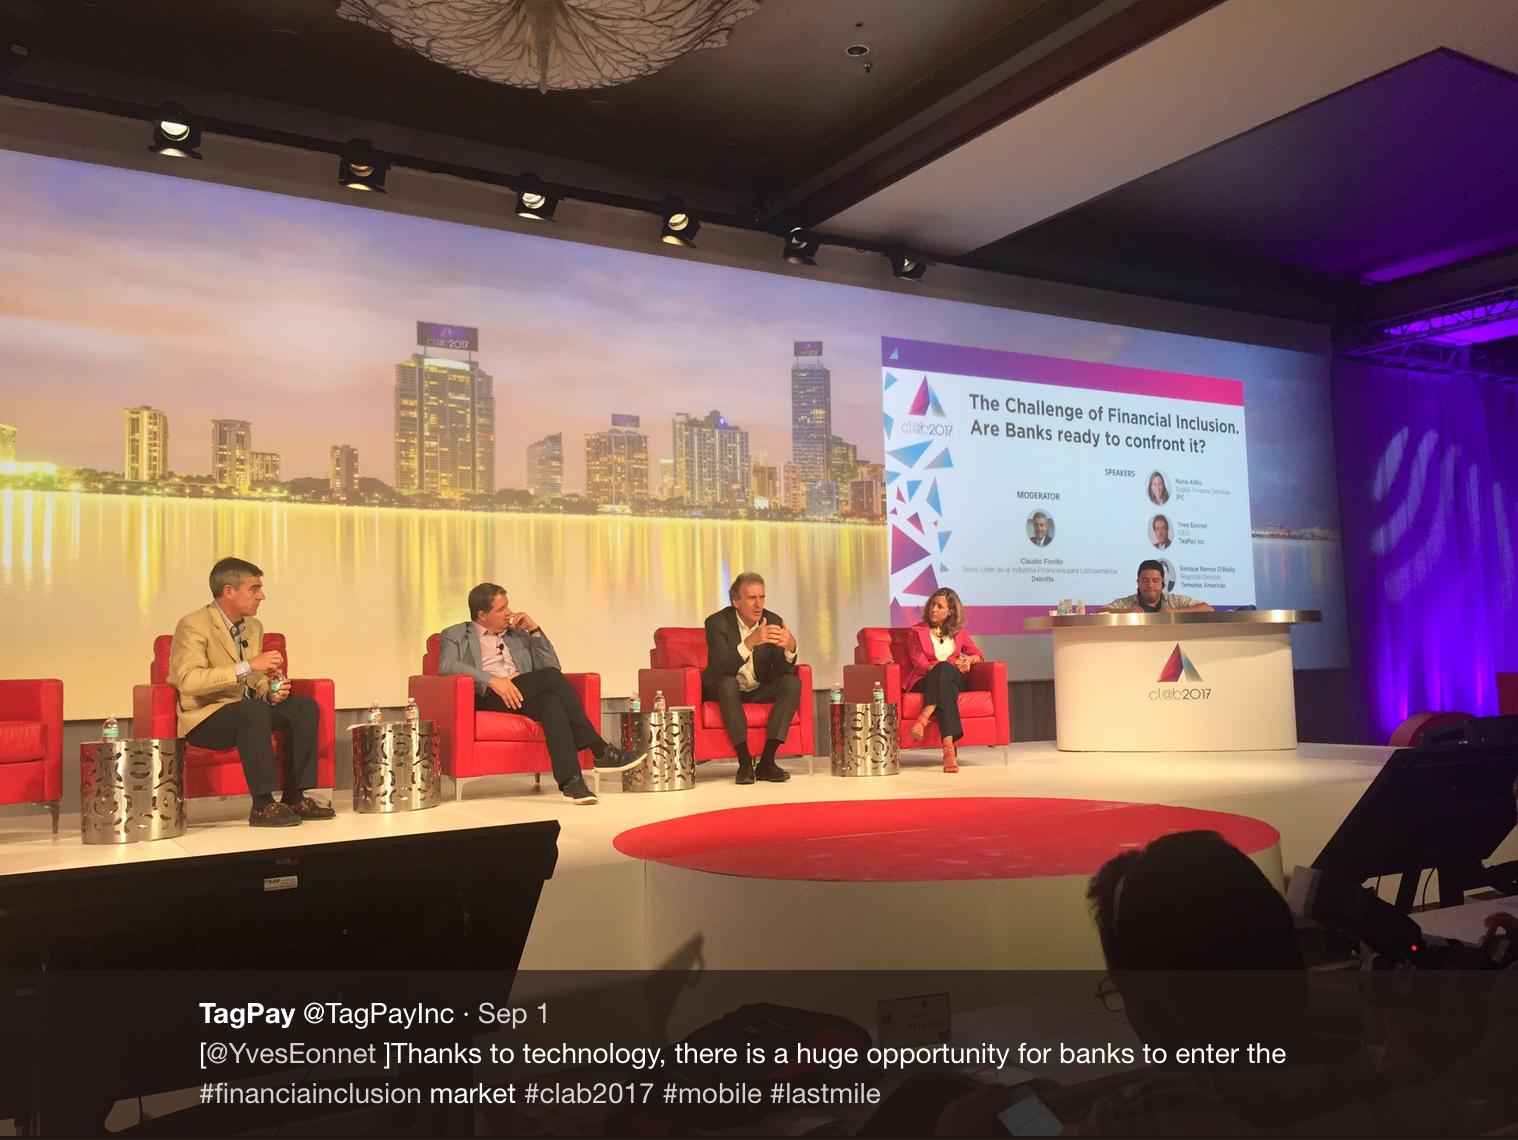 TagPay-CEO-Yves-Eonnet-Cl@b-2017.jpg